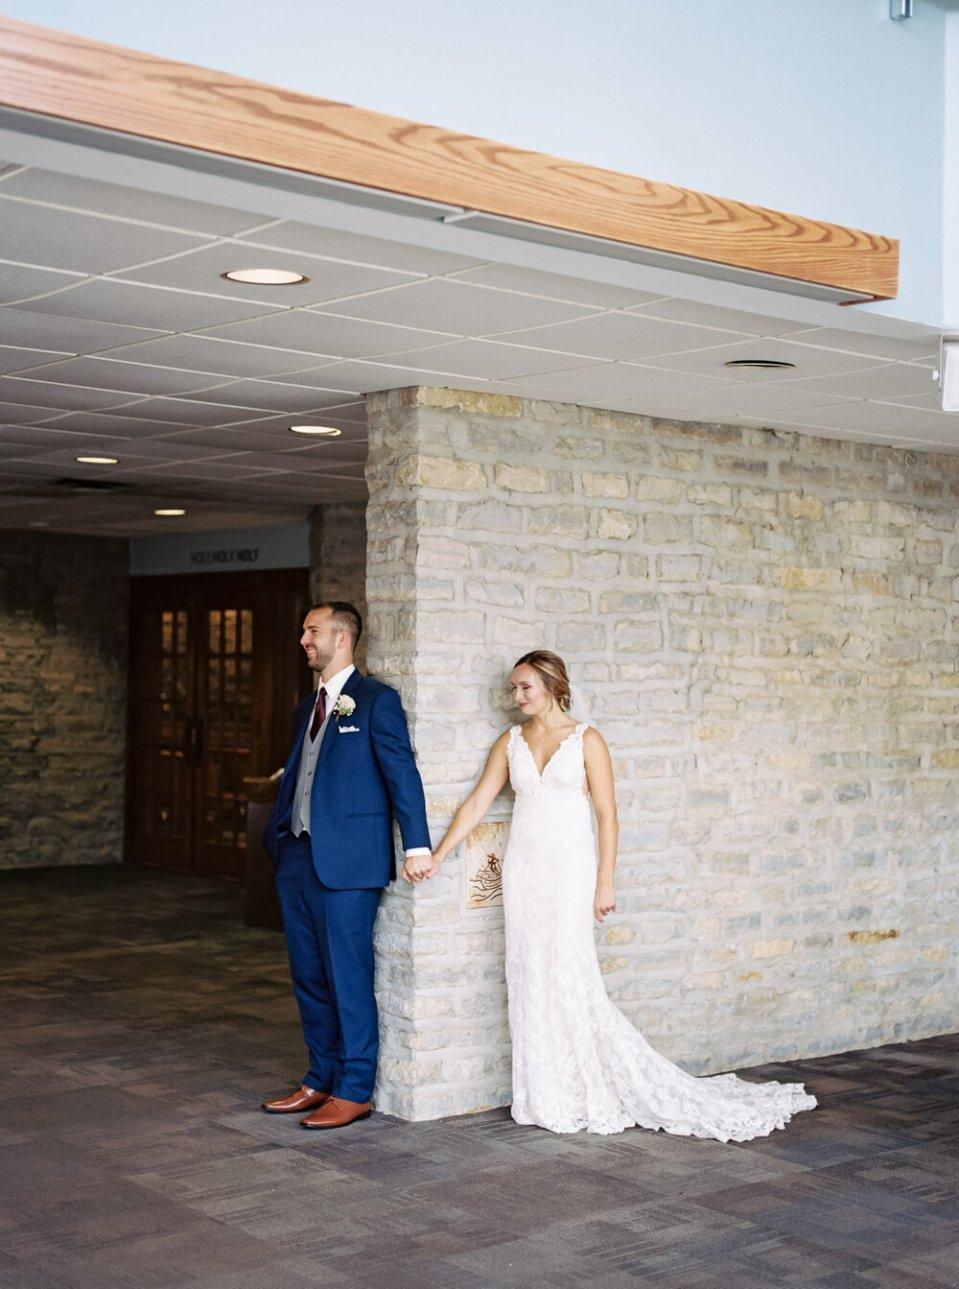 Crago Farms Wedding Photos Columbus Ohio-127.jpg